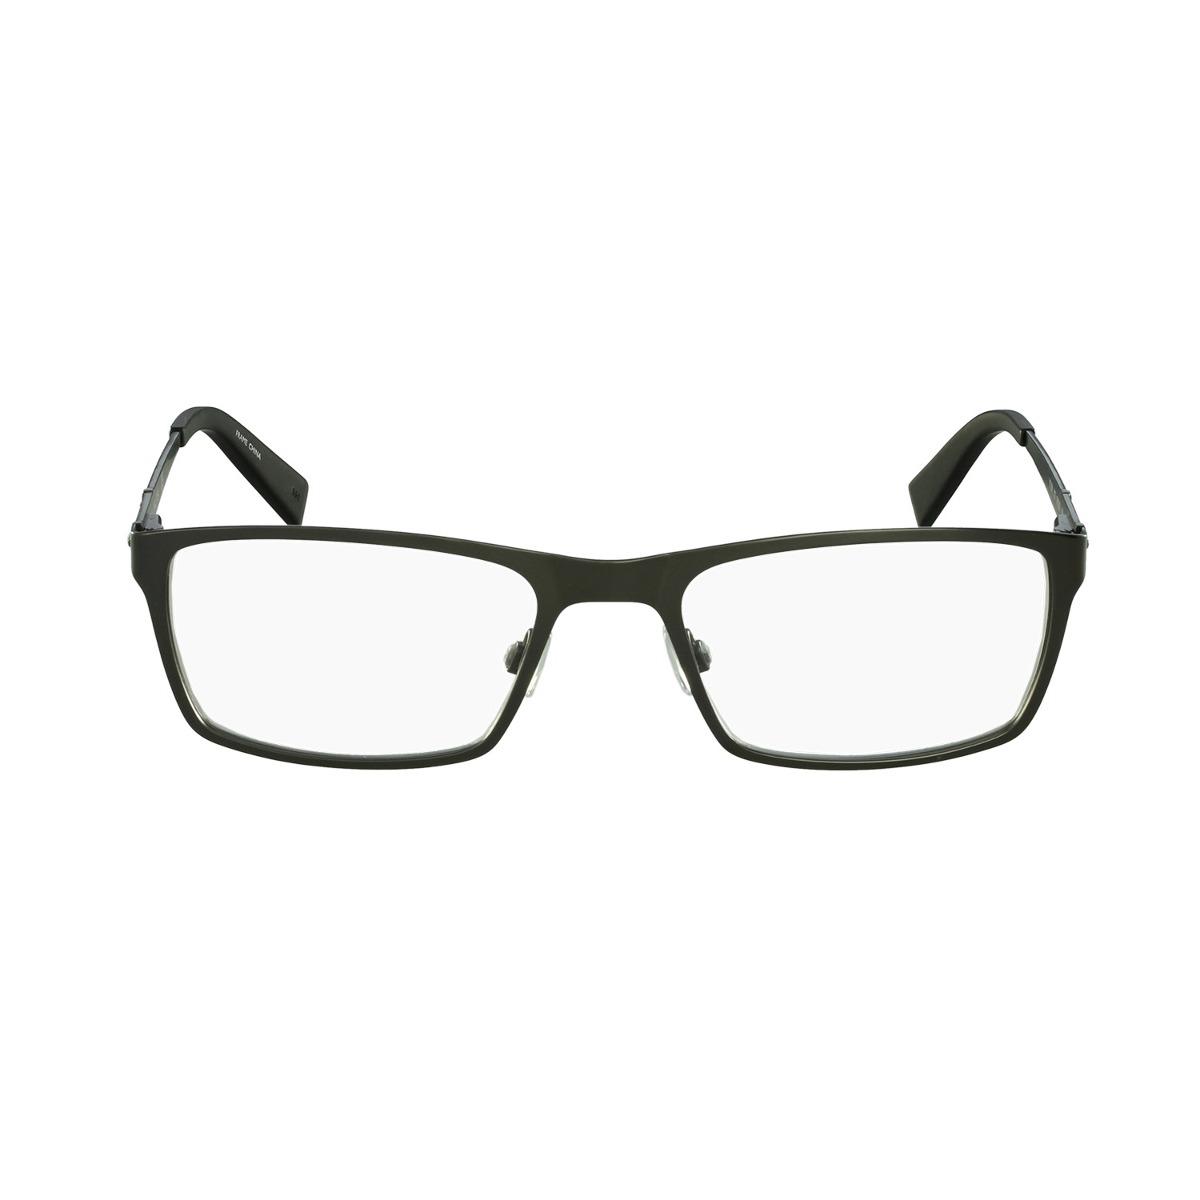 Óculos De Grau Nautica Casual Cinza - R  245,00 em Mercado Livre 069be90f56